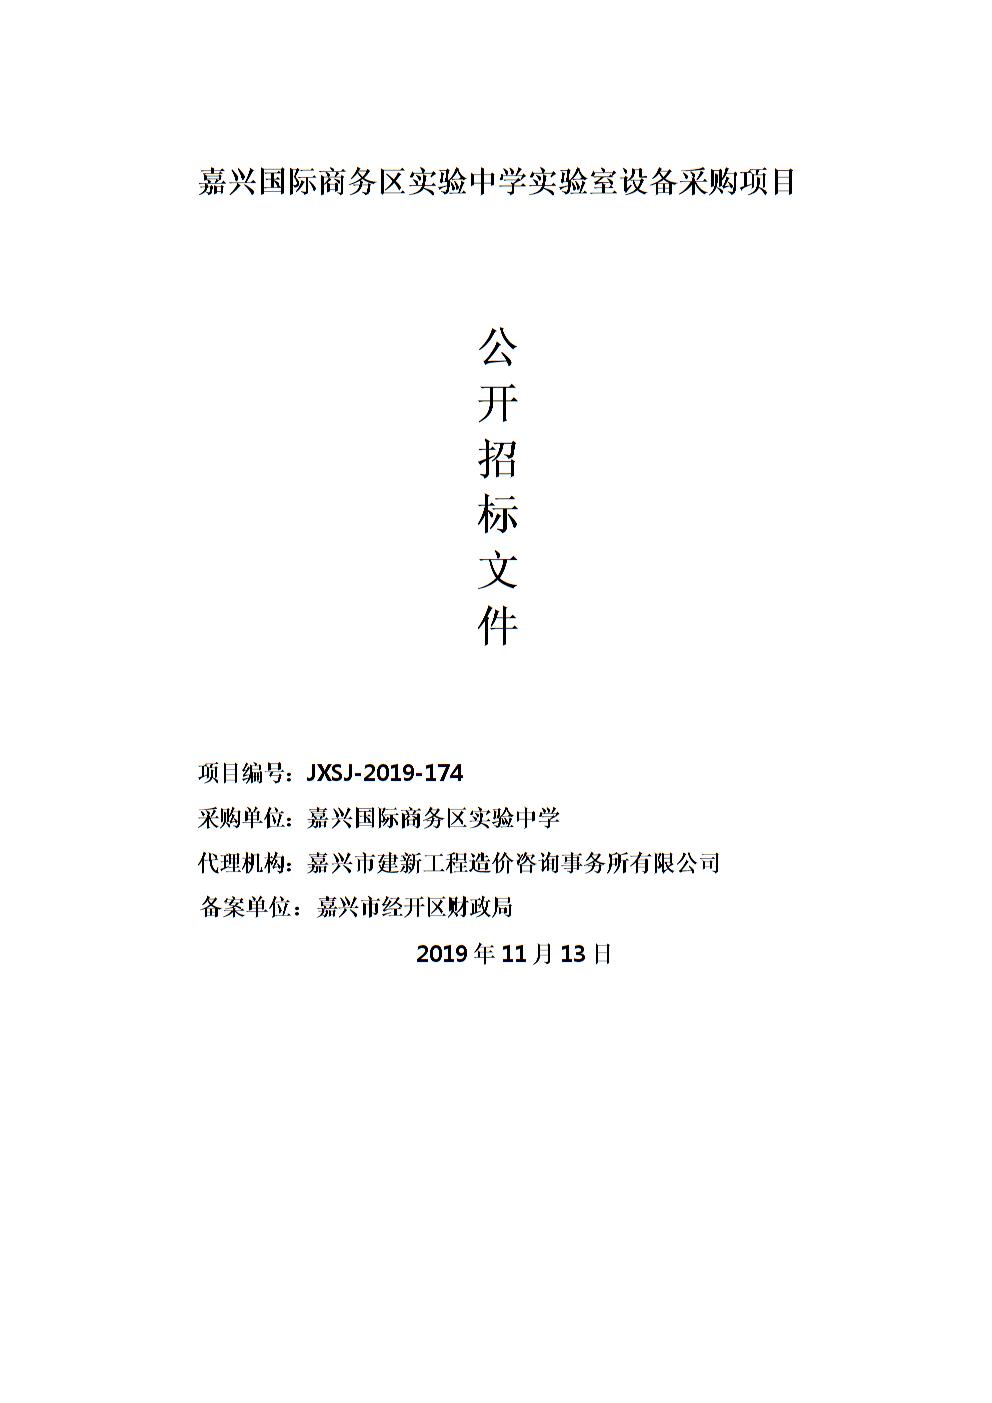 中学实验室设备采购项目招标文件.doc